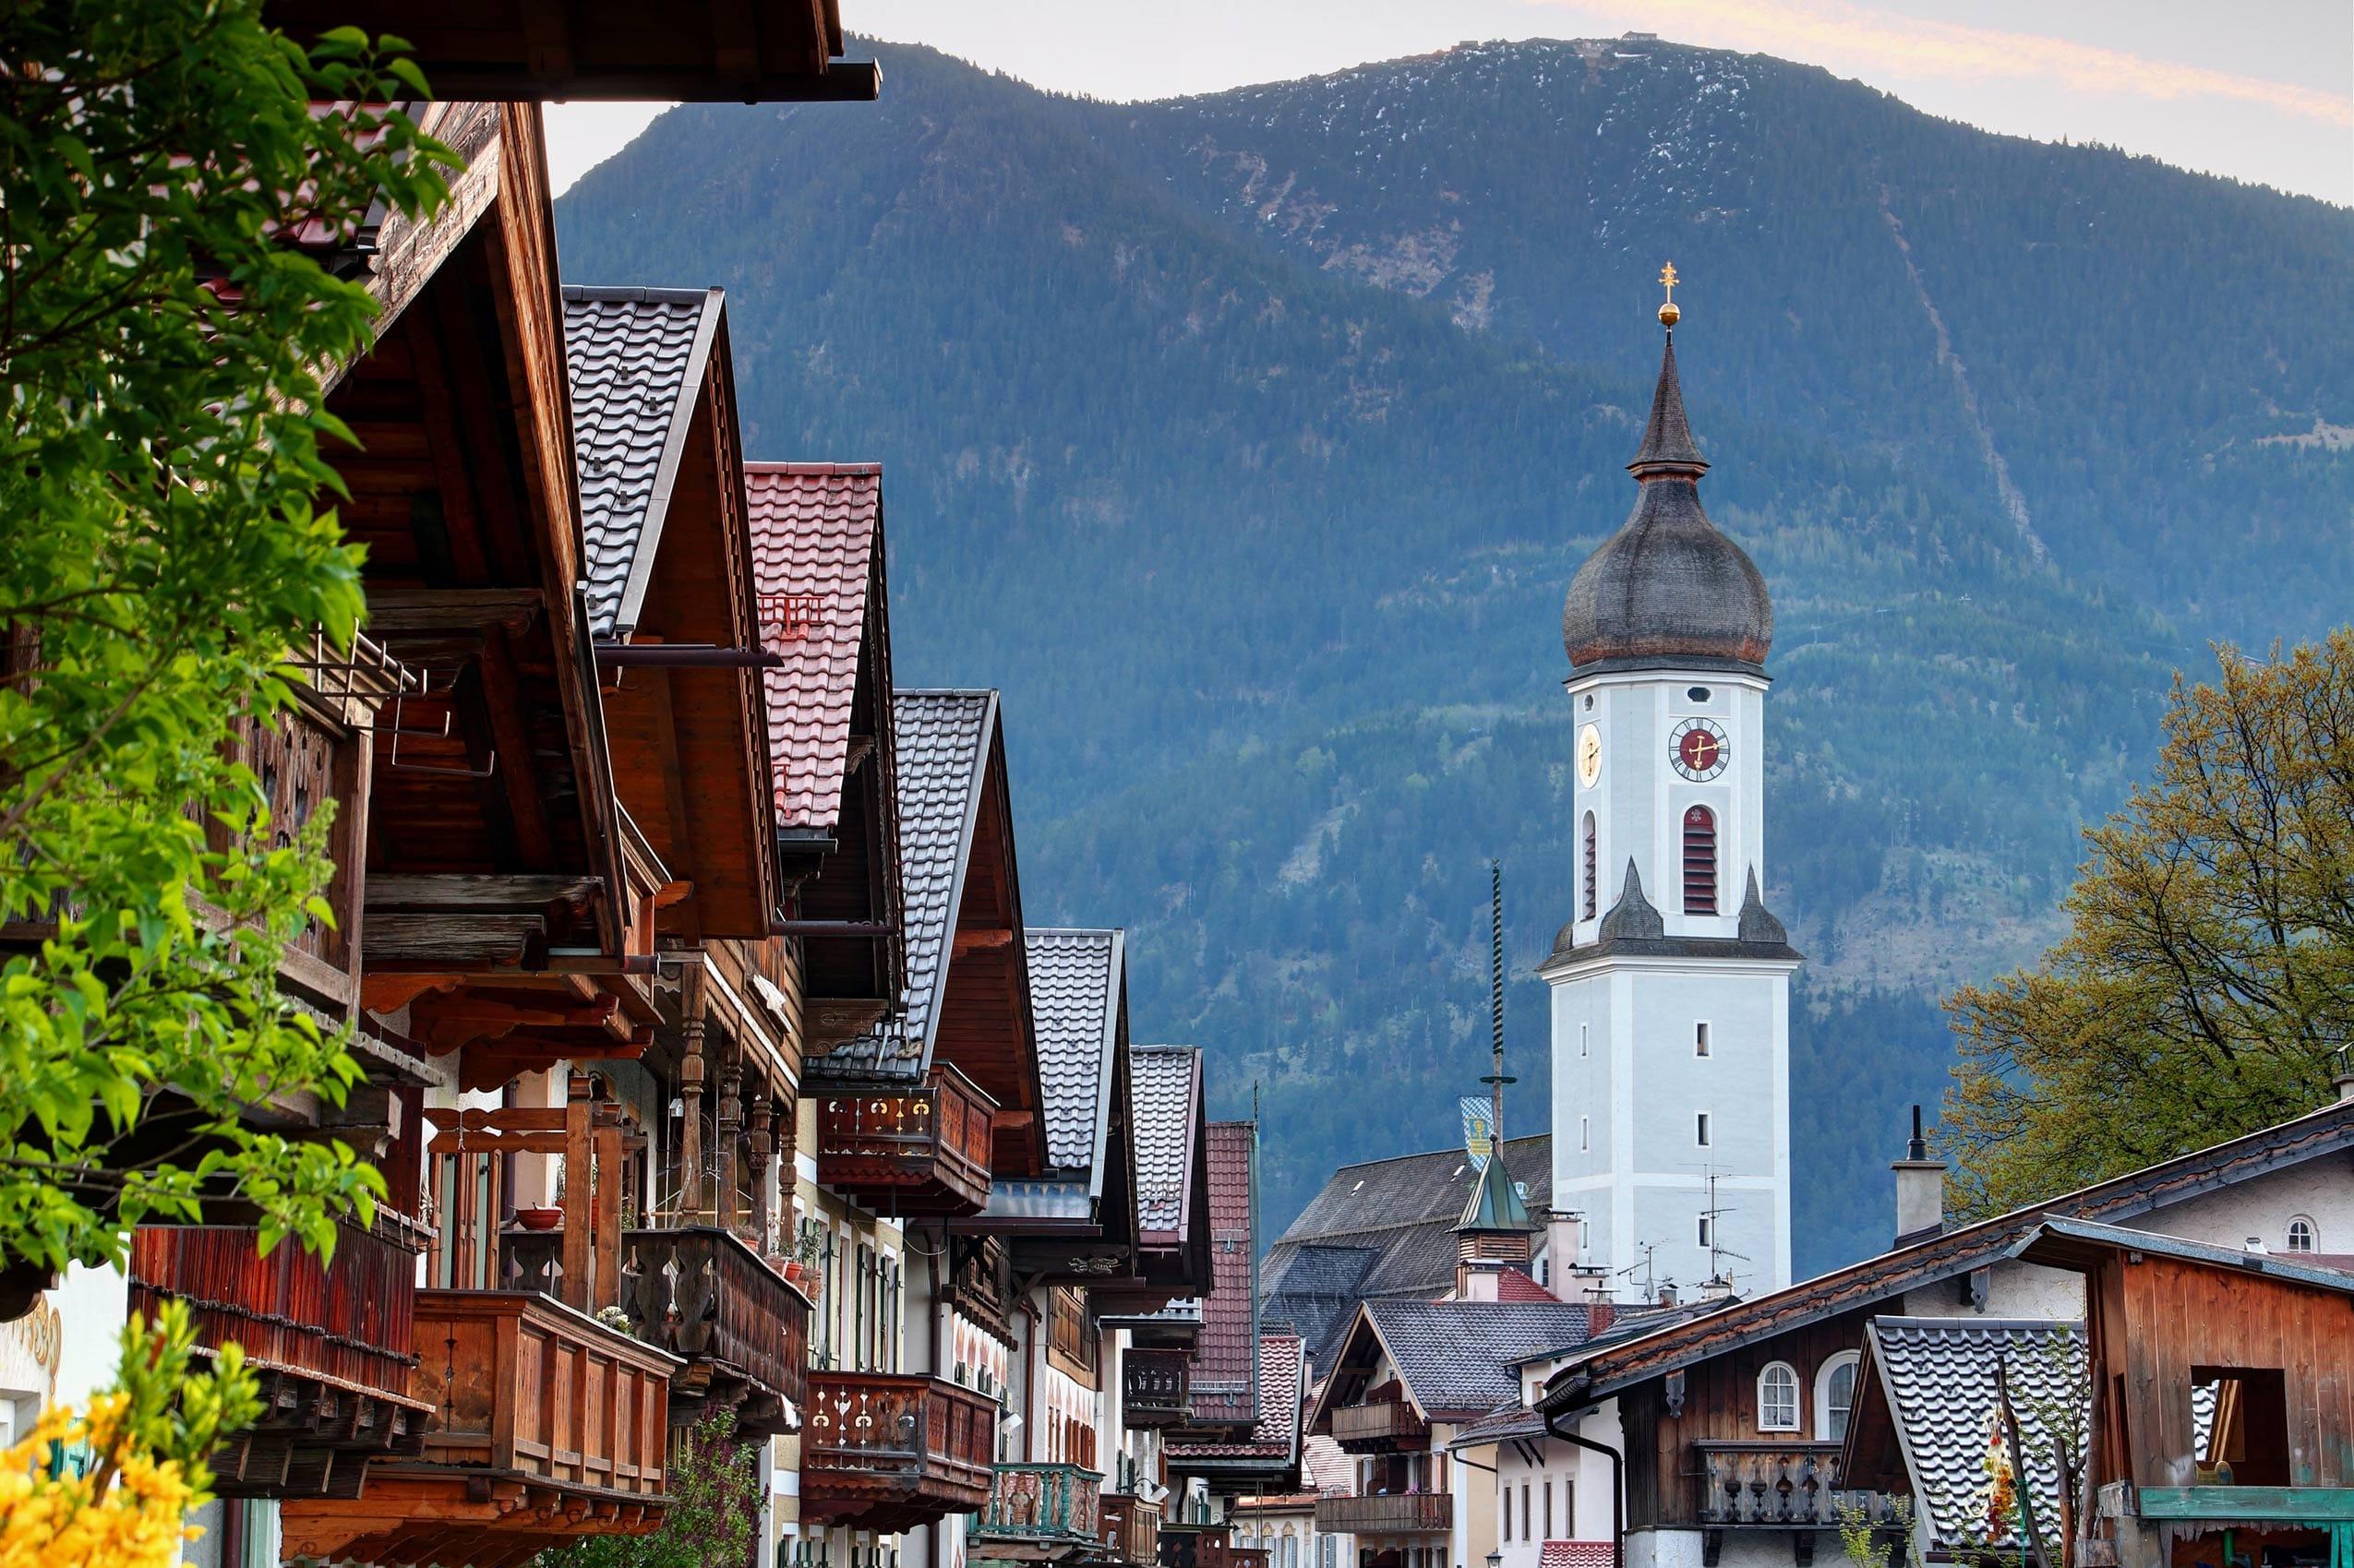 Holzbalkone und Zwiebelturmkirchen in Garmisch